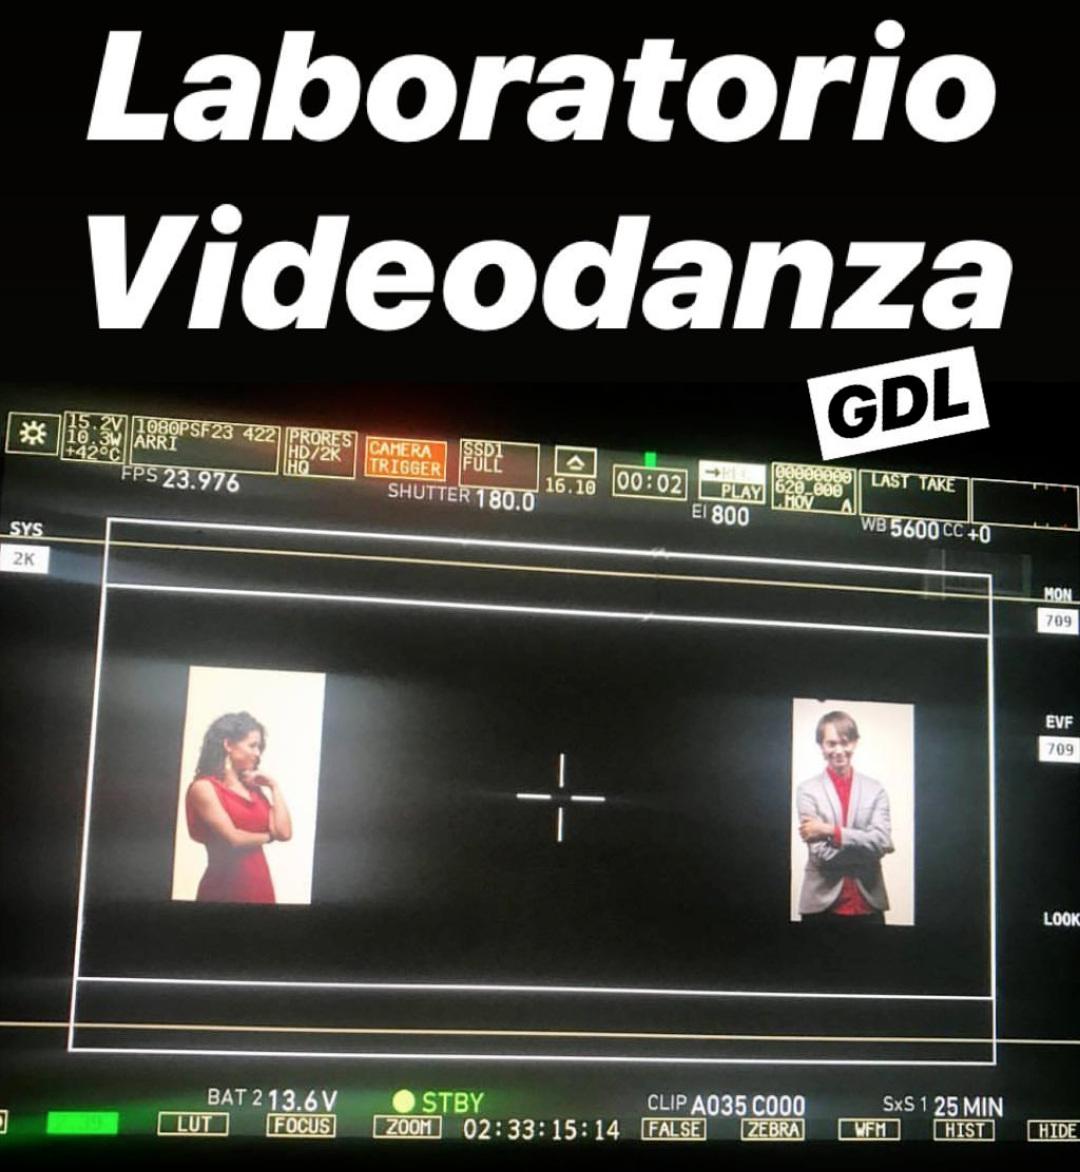 laboratorio_videodanza.jpg